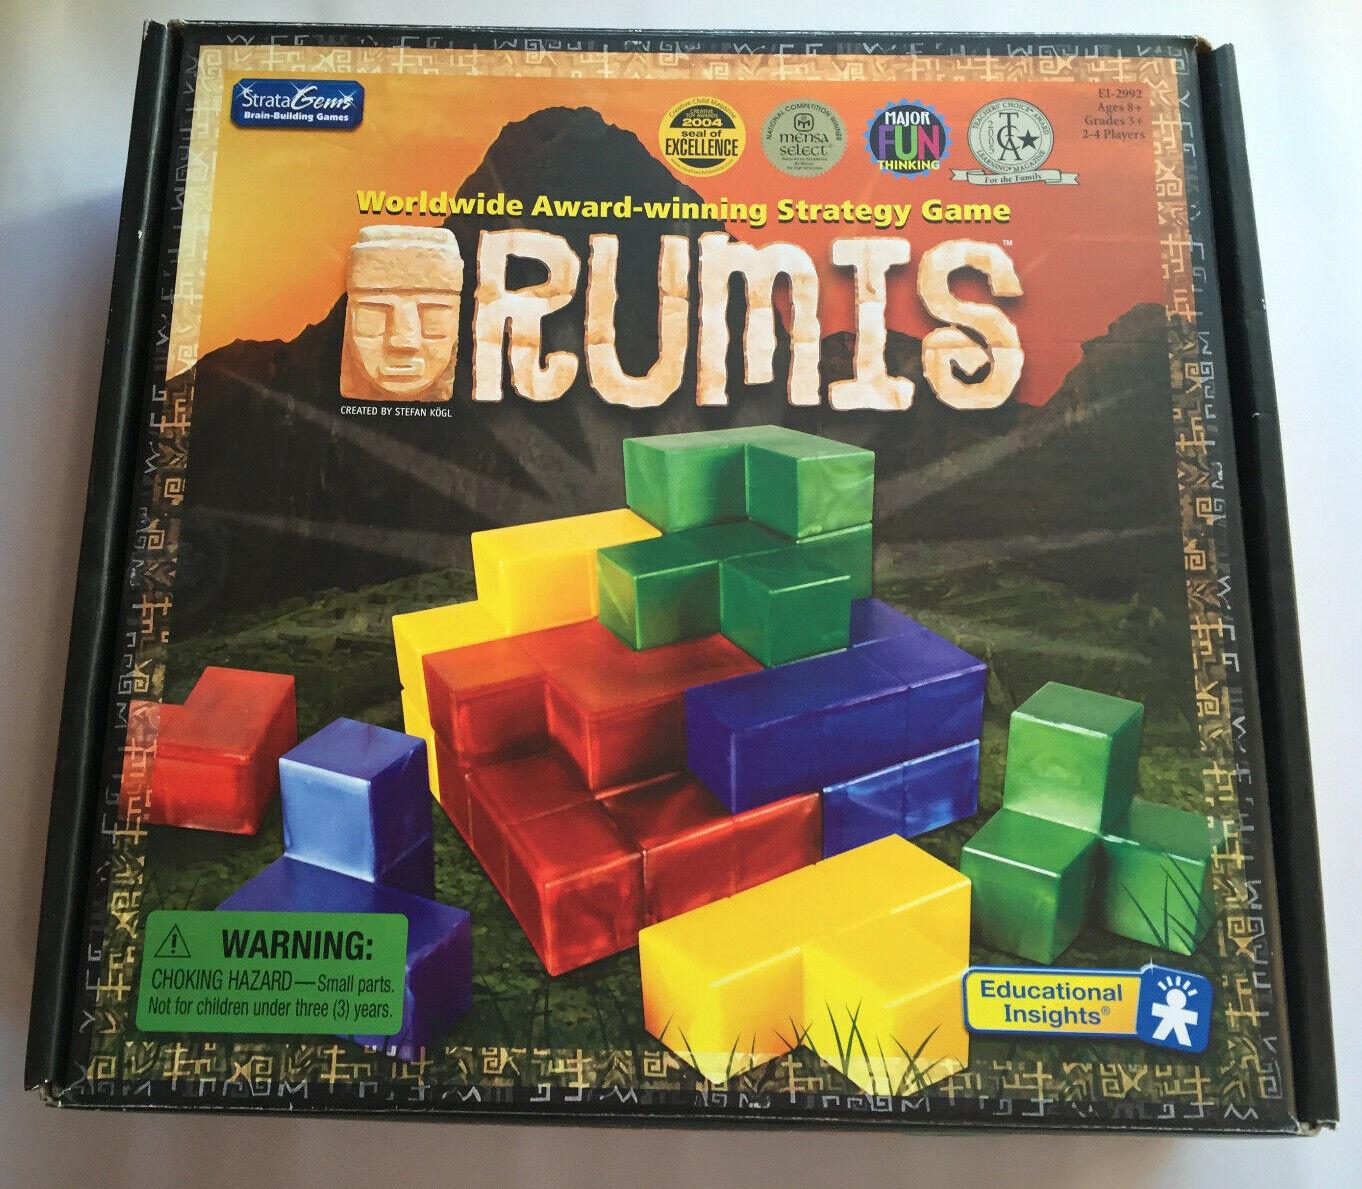 Rumis Juego de estrategia 2 a 4 jugadores estratagemas Educational Insights 3D piezas